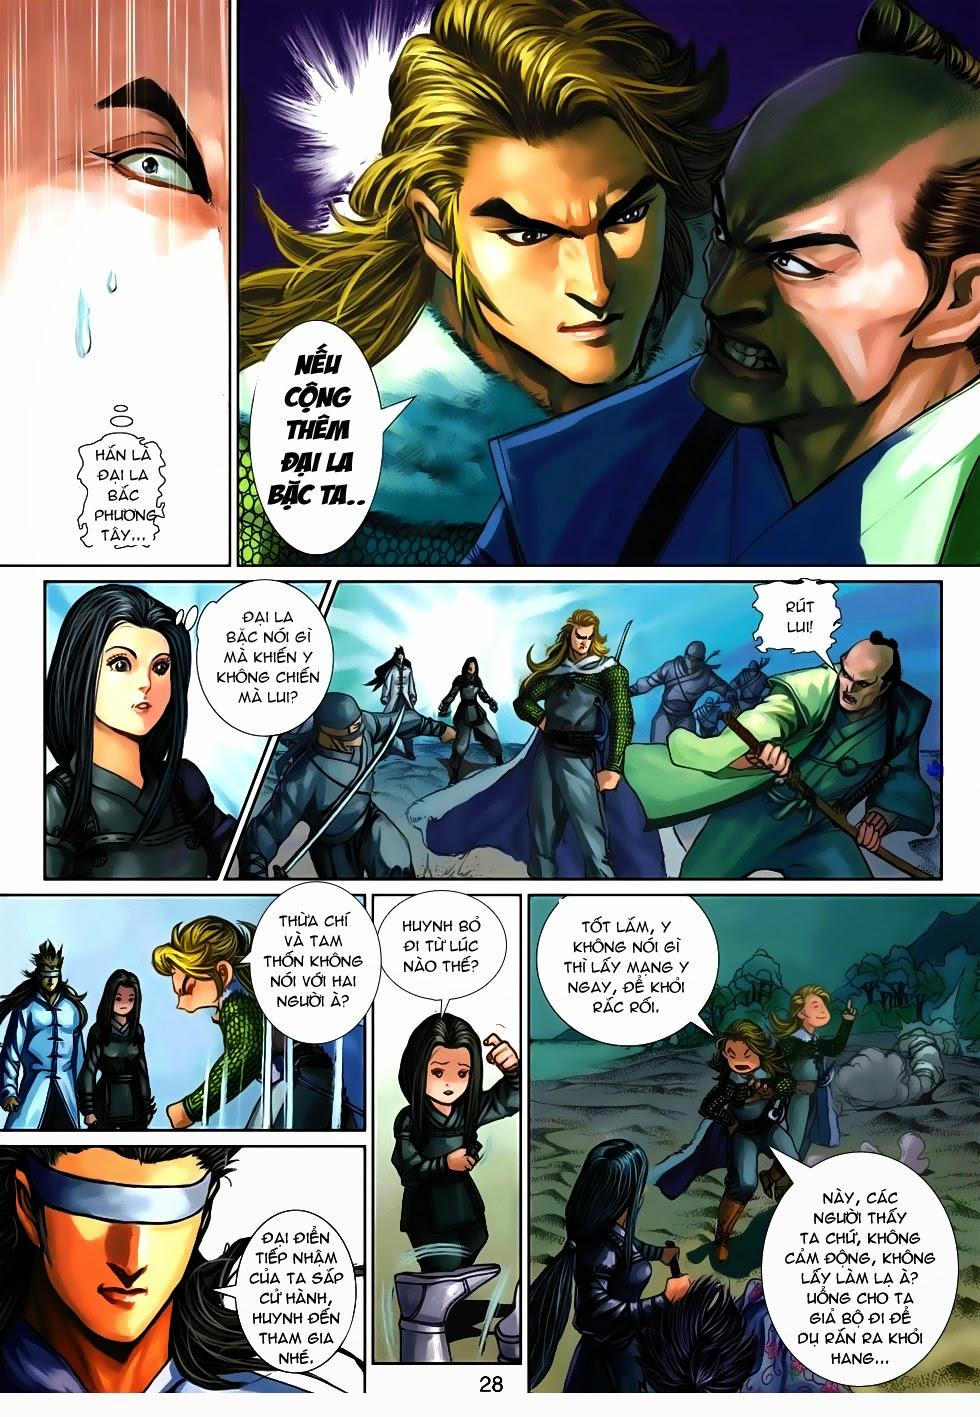 Thần Binh Tiền Truyện 4 - Huyền Thiên Tà Đế chap 9 - Trang 28